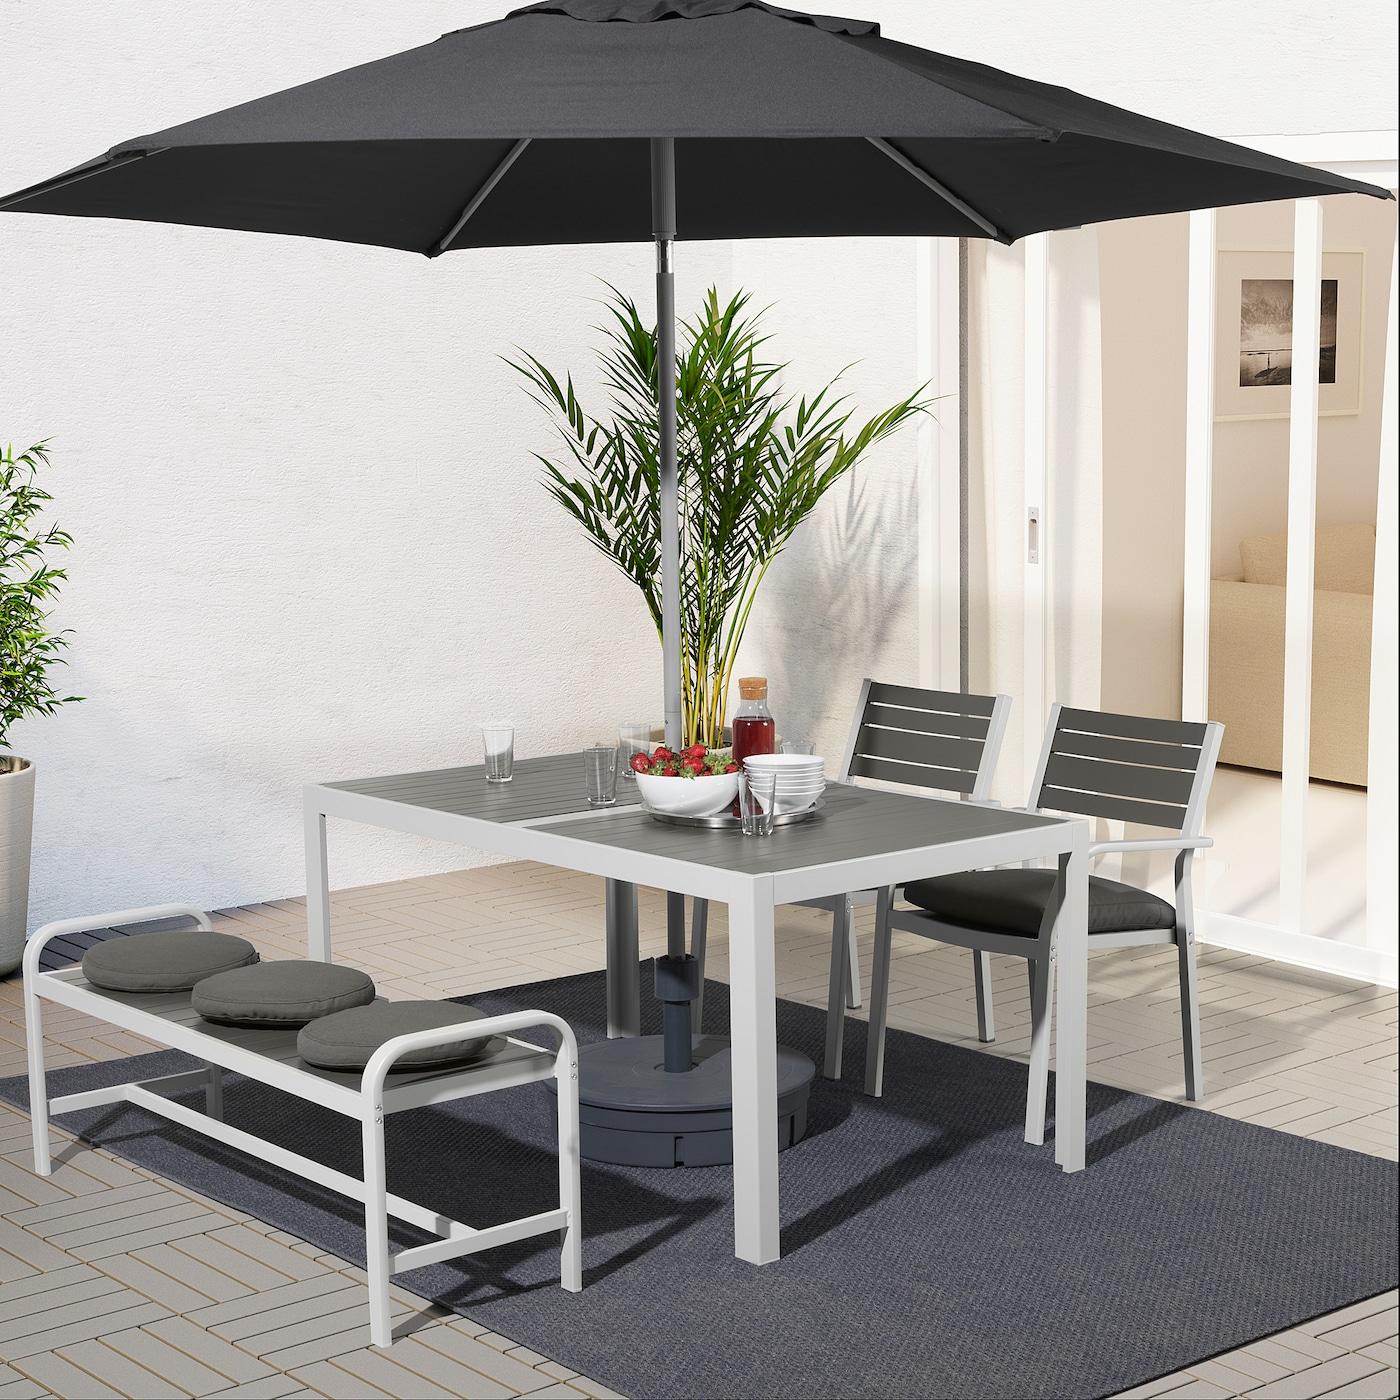 SJÄLLAND Table+2 chairs+ bench, outdoor, dark grey/Frösön/Duvholmen dark grey, 156x90 cm